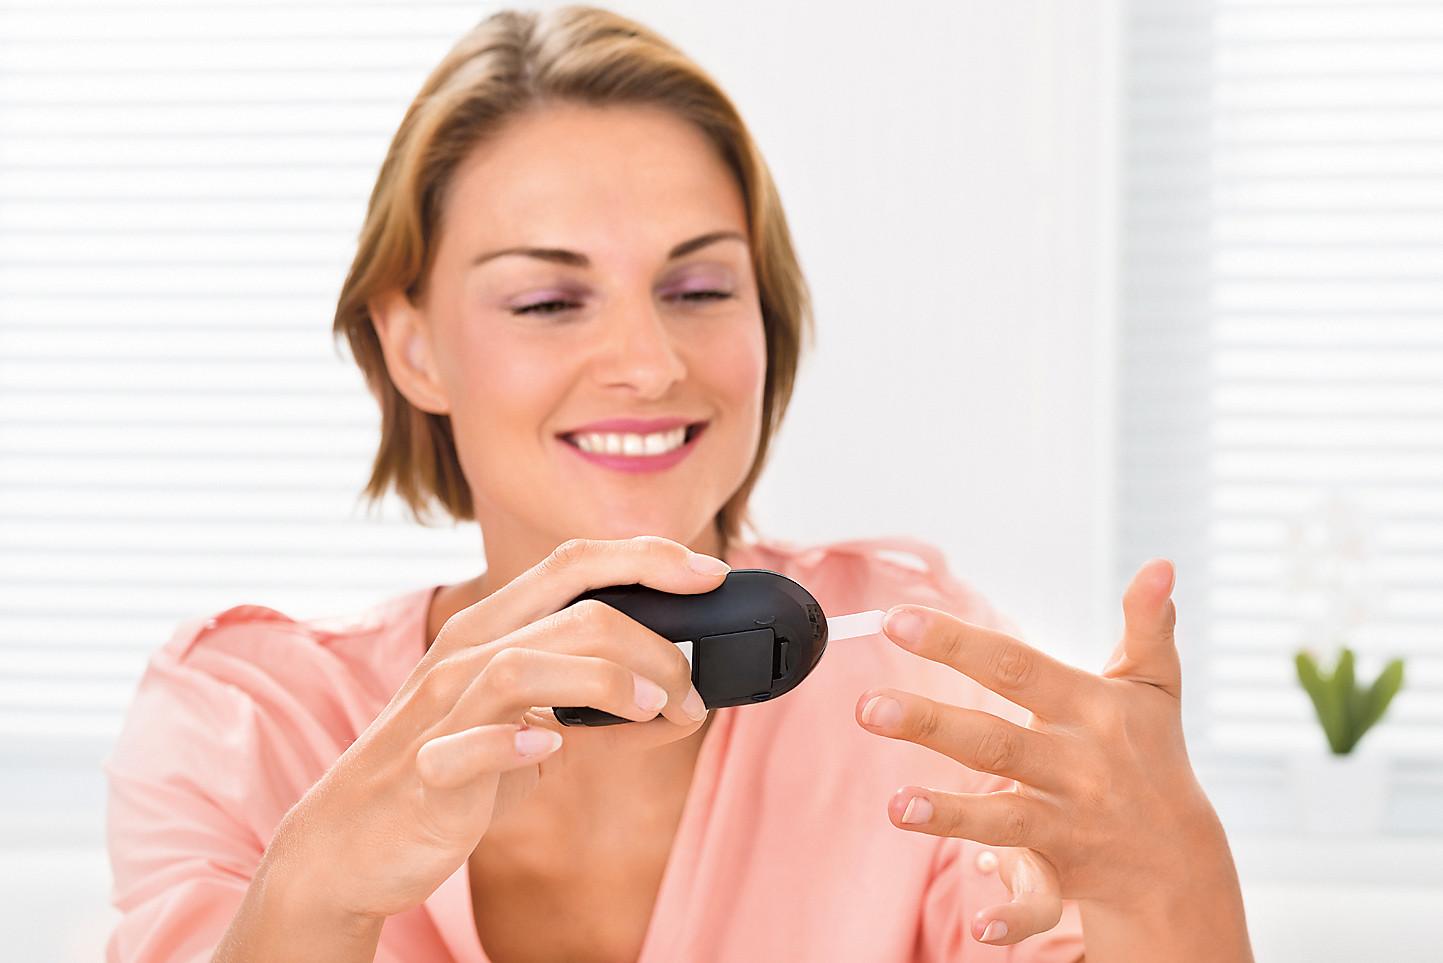 Как определить сахарный диабет: признаки и экспресс-тест